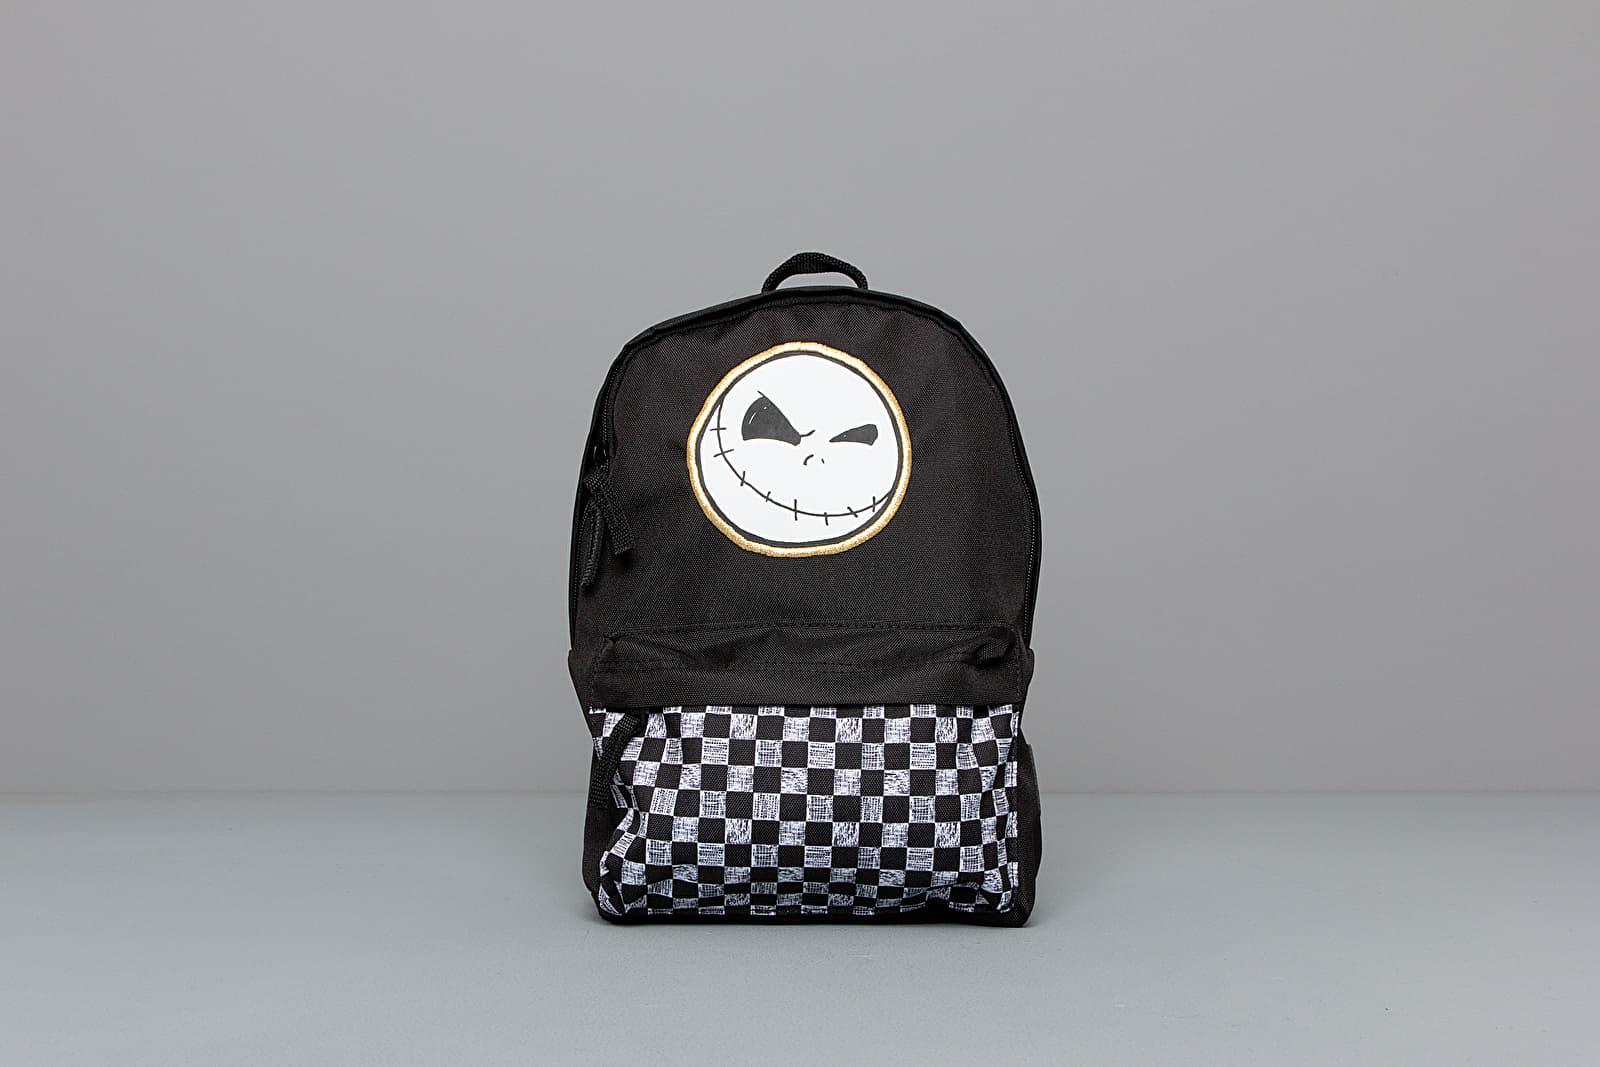 Vans x The Nightmare Before Christmas Jack Mini Backpack